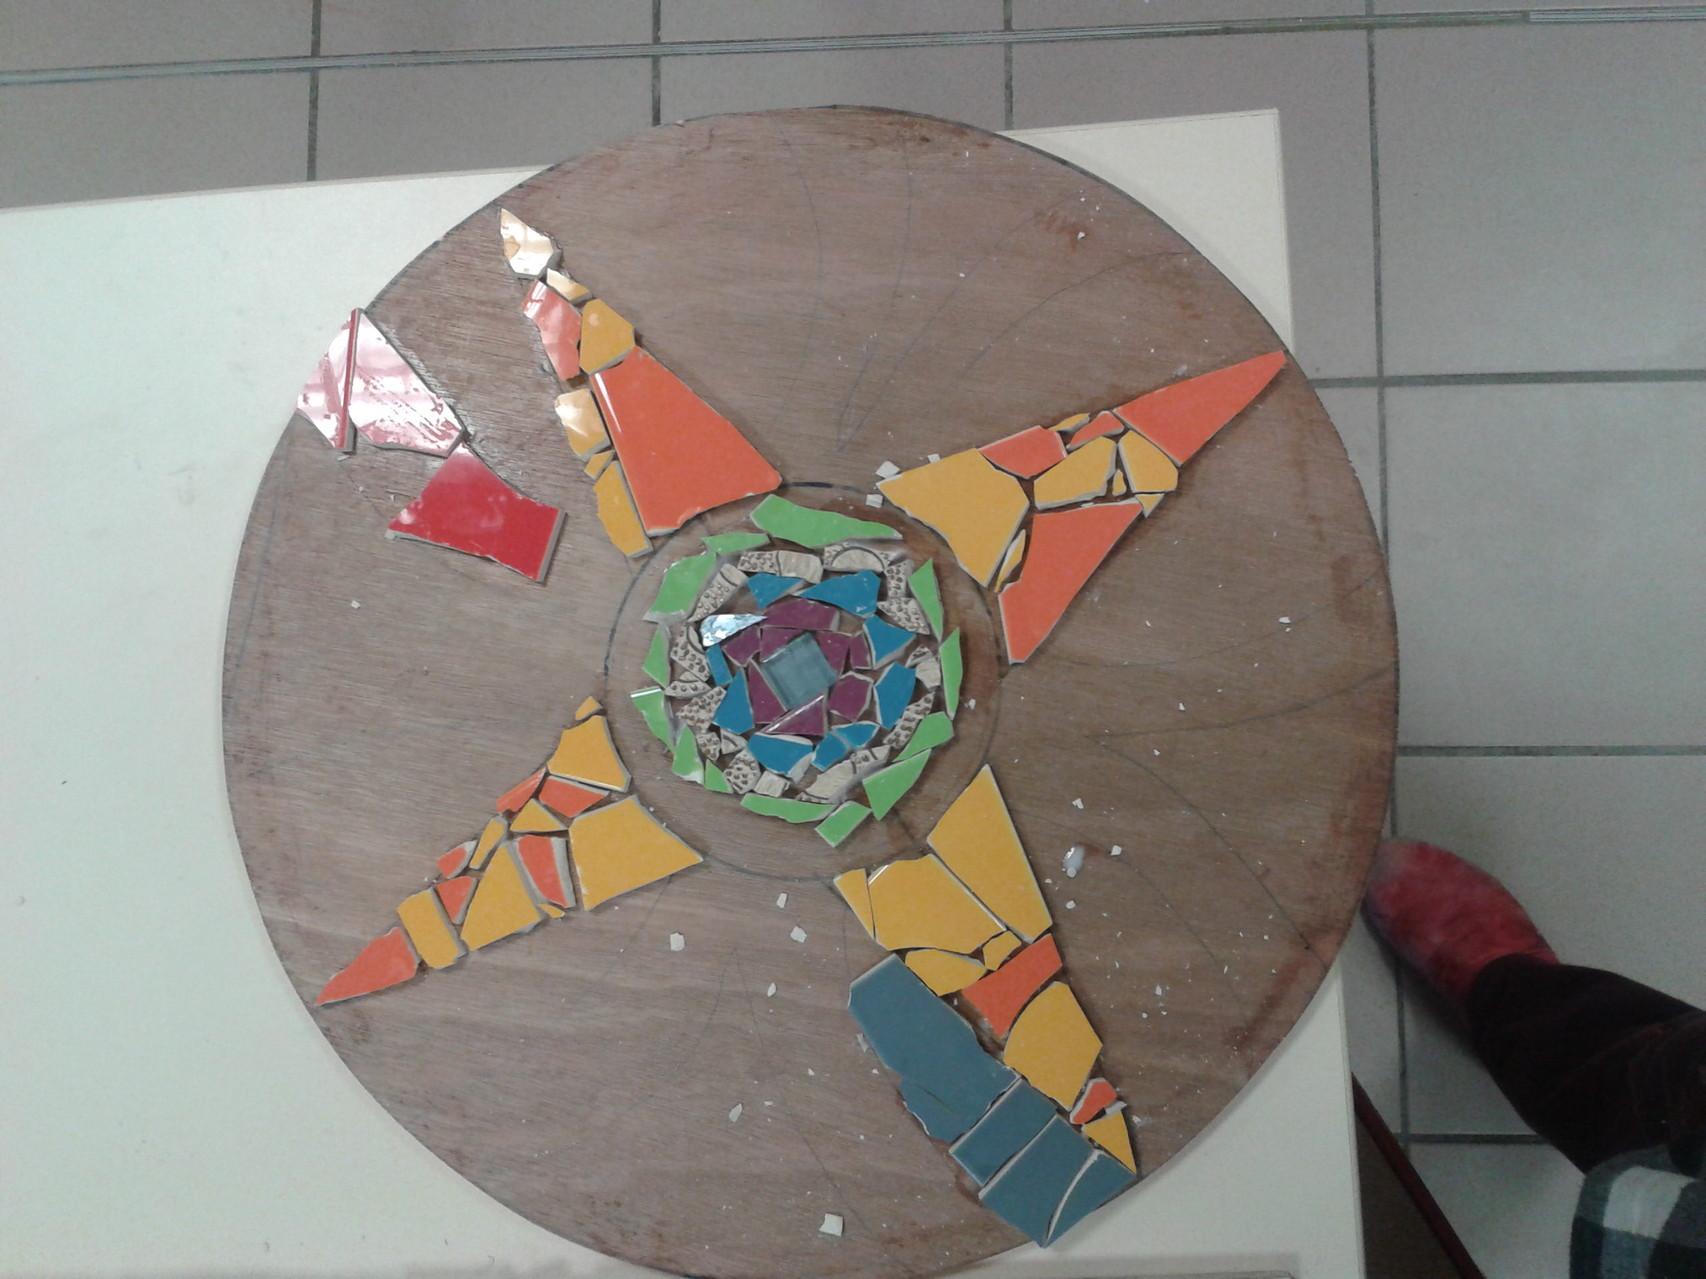 """Un détail de la mosaïque """"Gaudi et architecture"""" en cours de réalisation"""